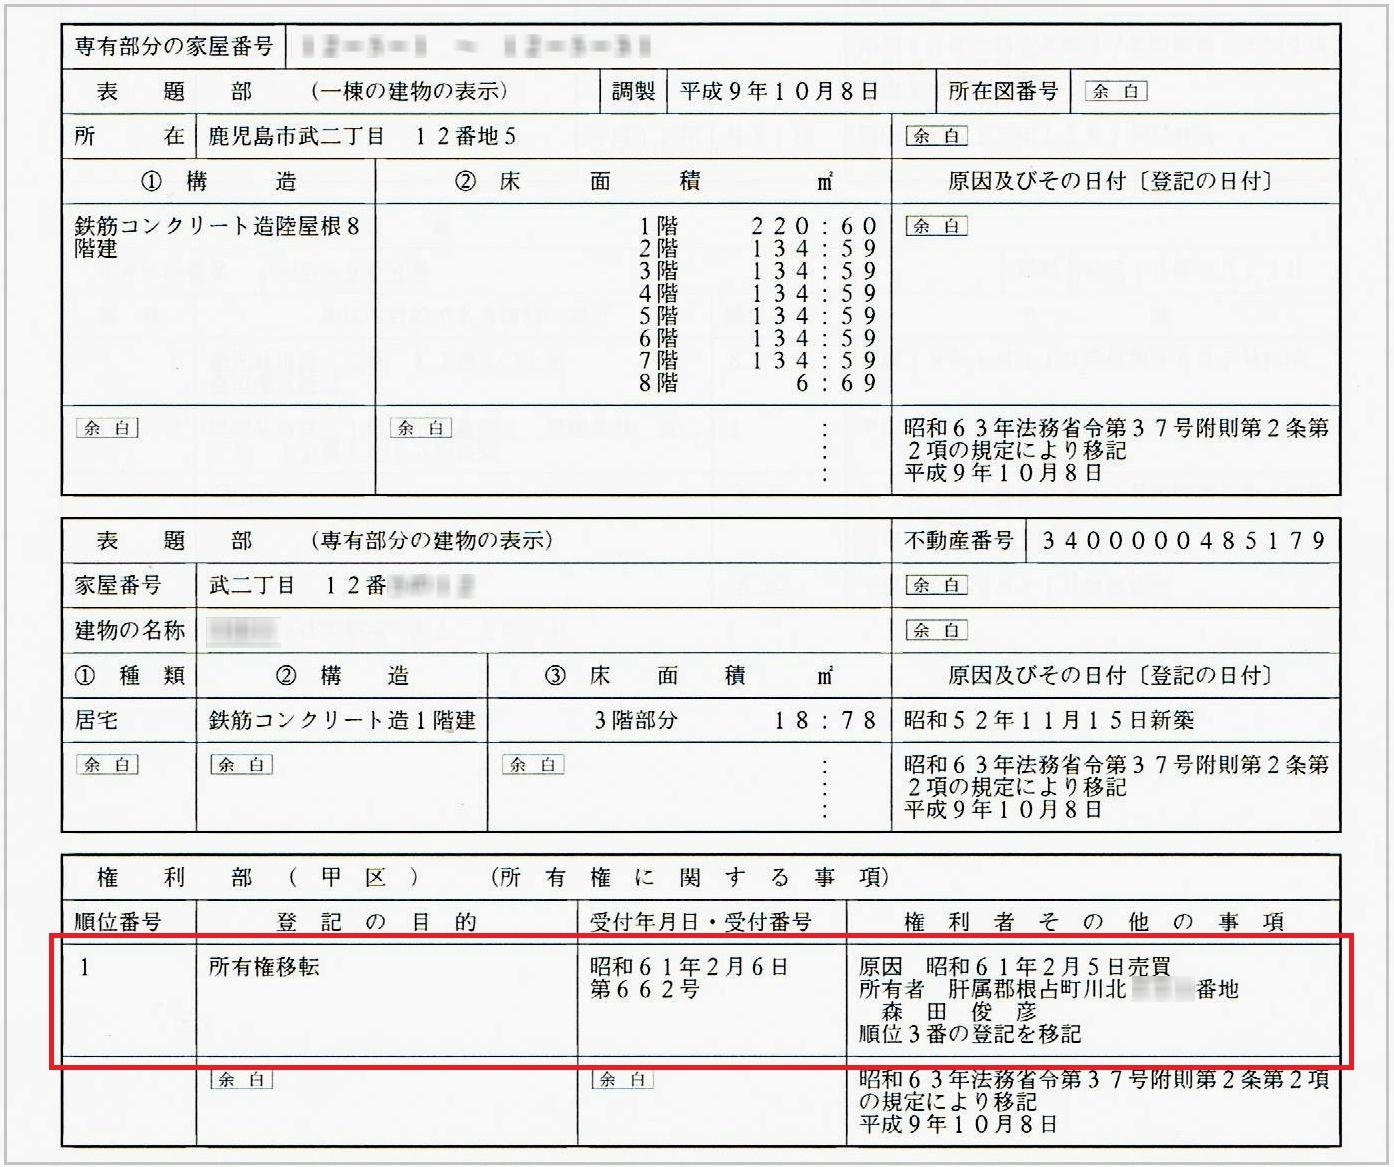 http://hunter-investigate.jp/news/191d1ee65b36d032ec8766477eeb5974d34c219a.jpg